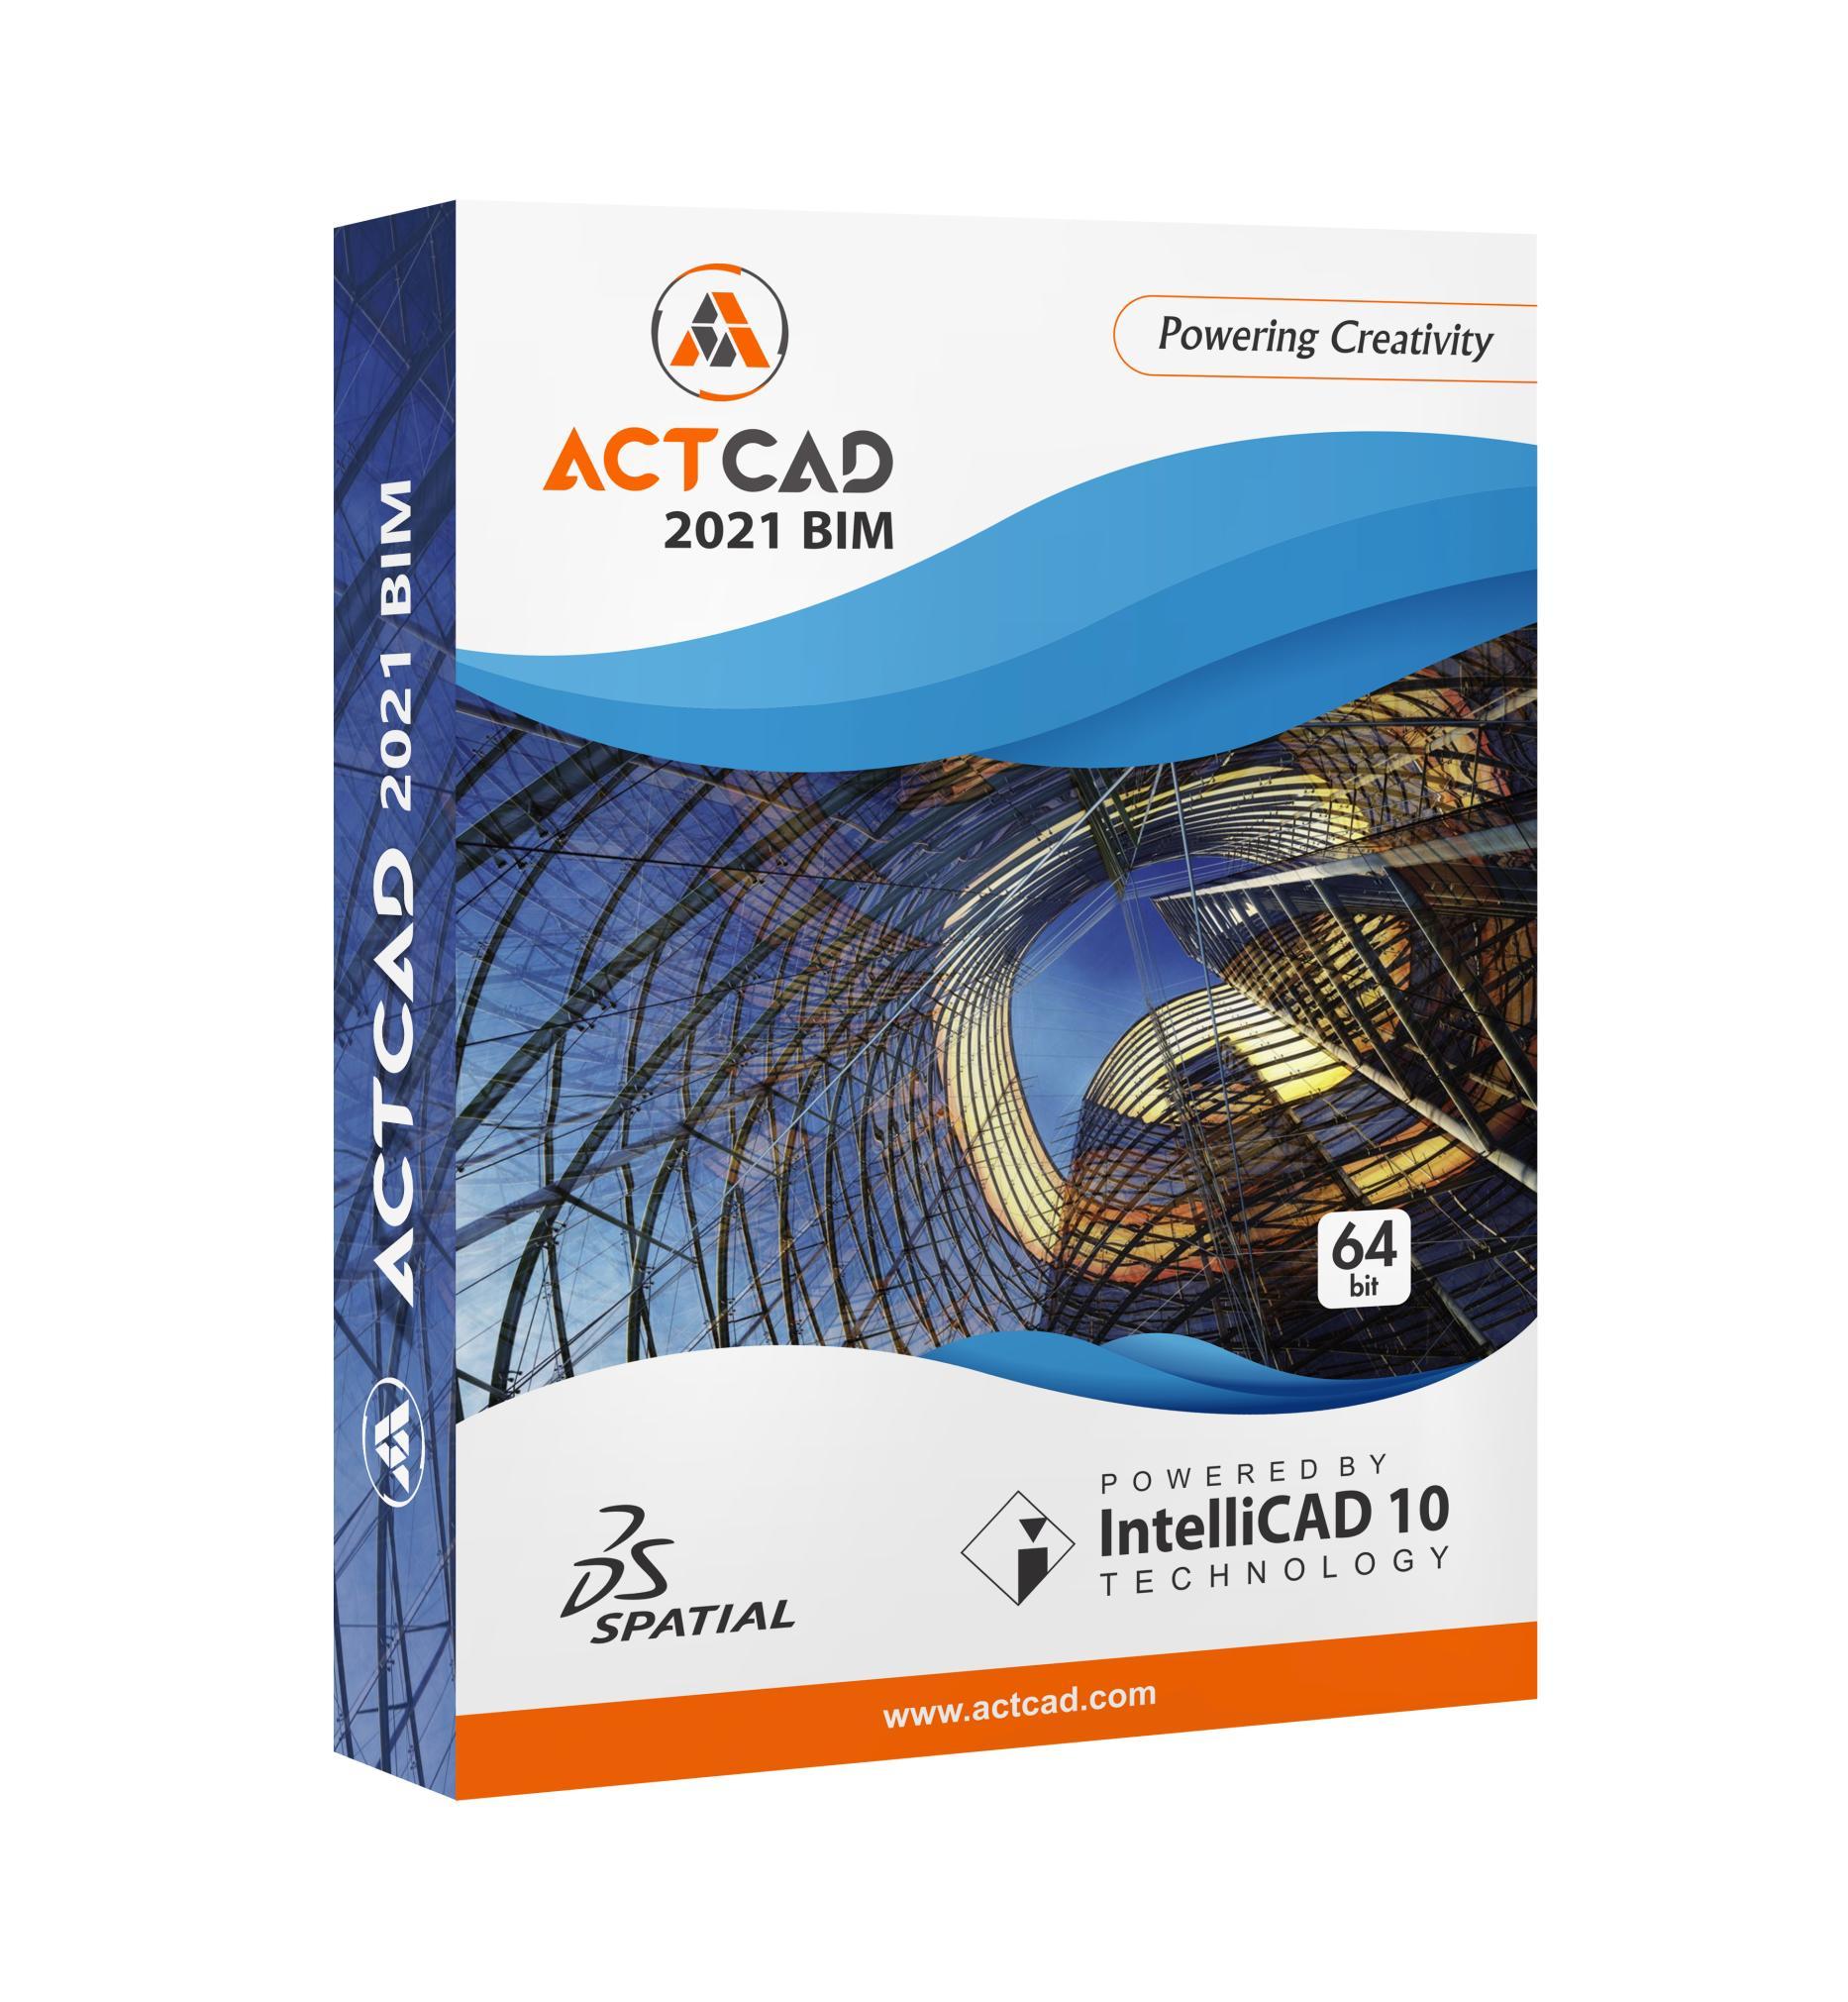 ActCAD 2021 BIM